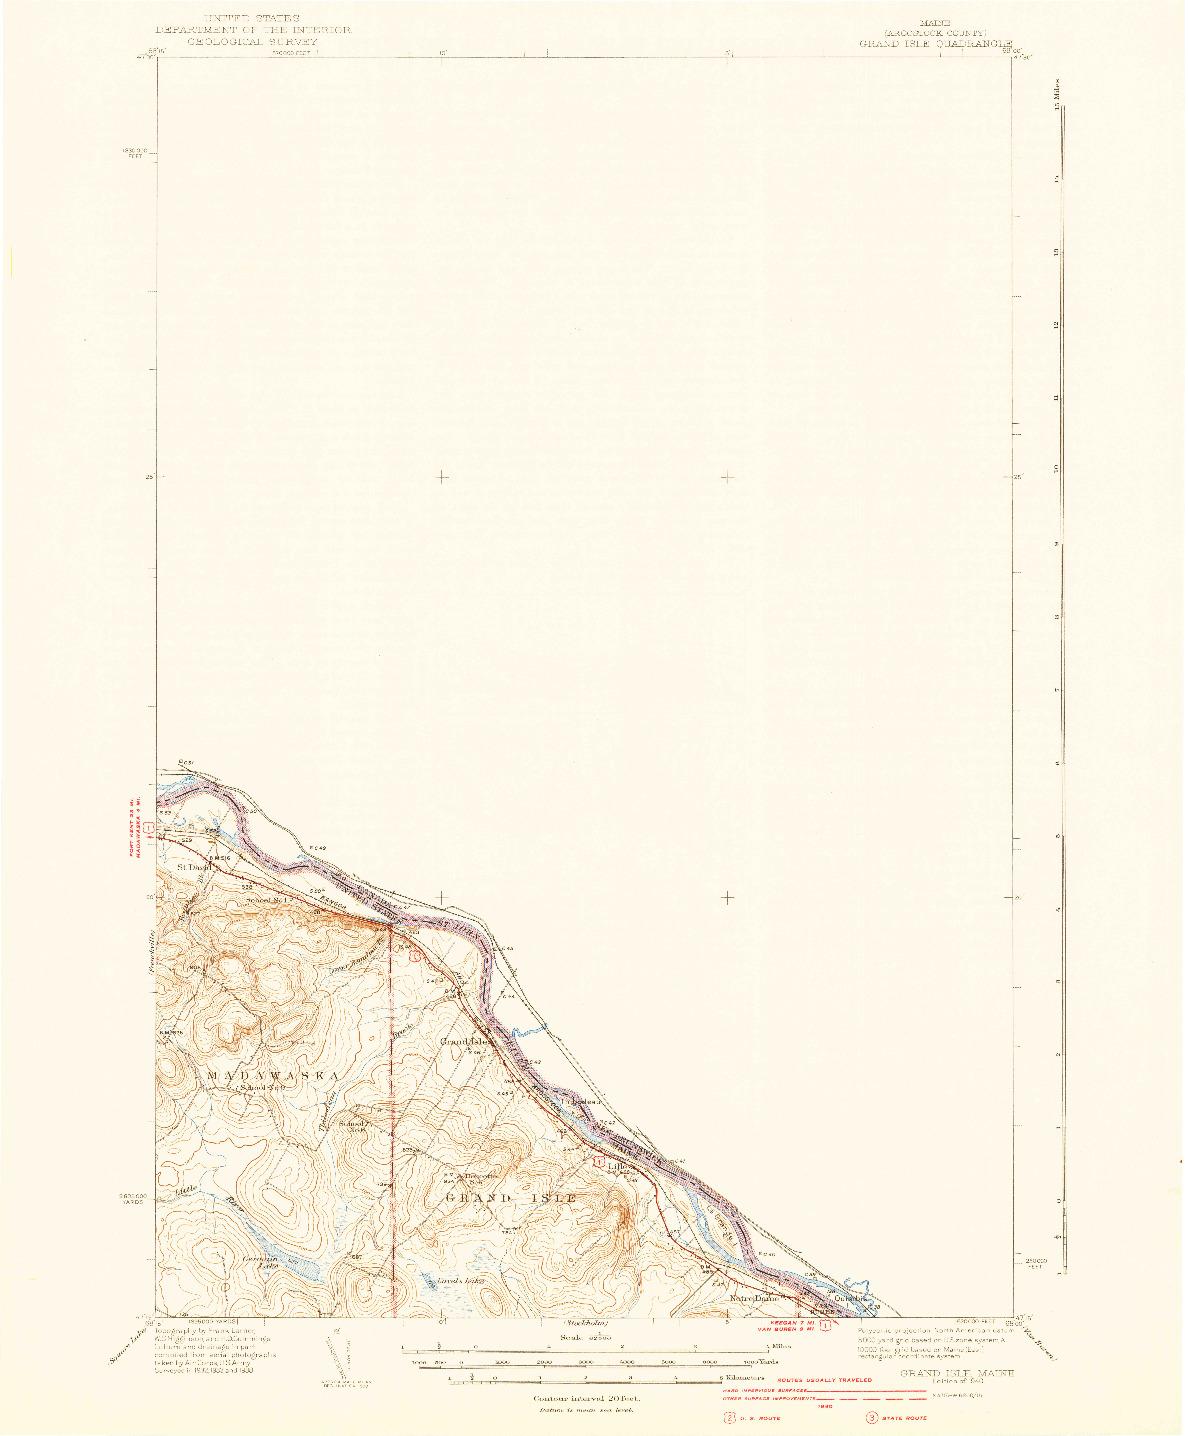 USGS 1:62500-SCALE QUADRANGLE FOR GRAND ISLE, ME 1940